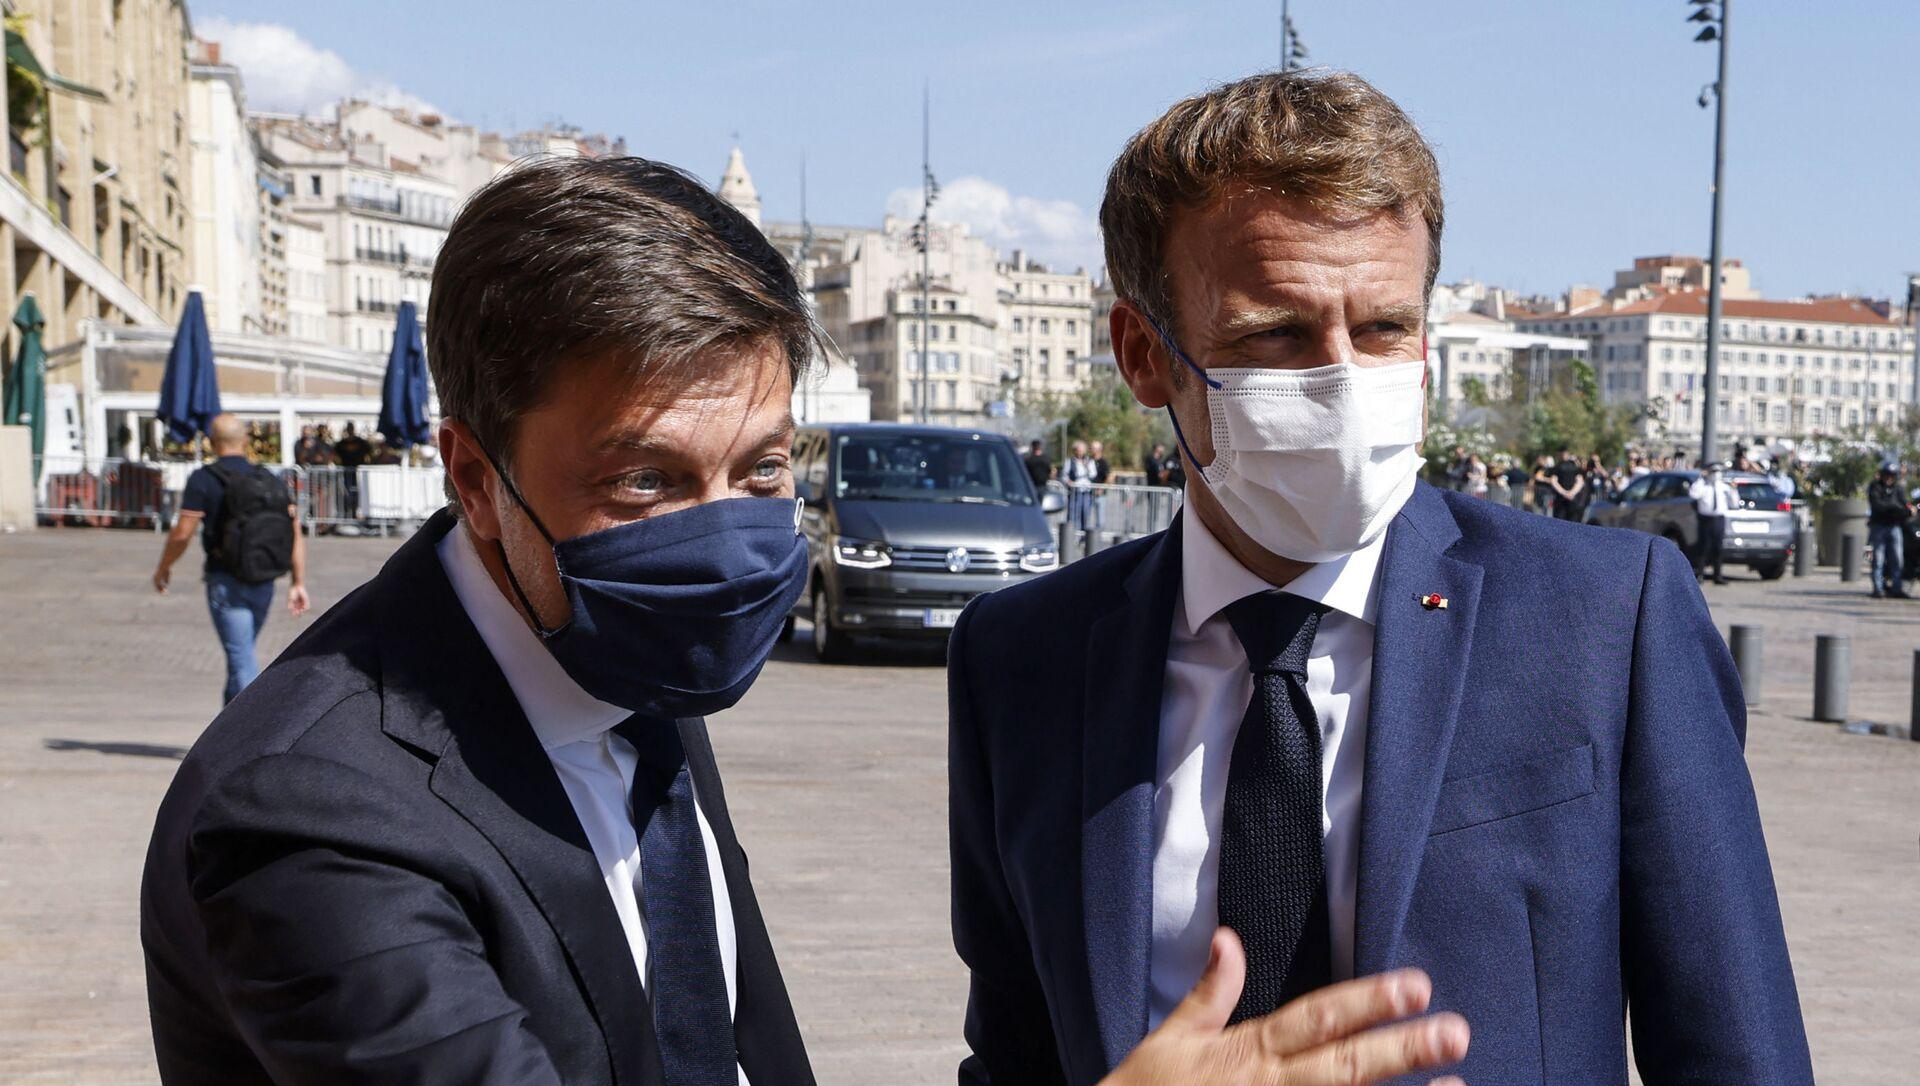 Le Président de la République française Emmanuel Macron accueilli par le maire (PS) de Marseille Benoît Payan, le 1er septembre 2021 - Sputnik France, 1920, 01.09.2021